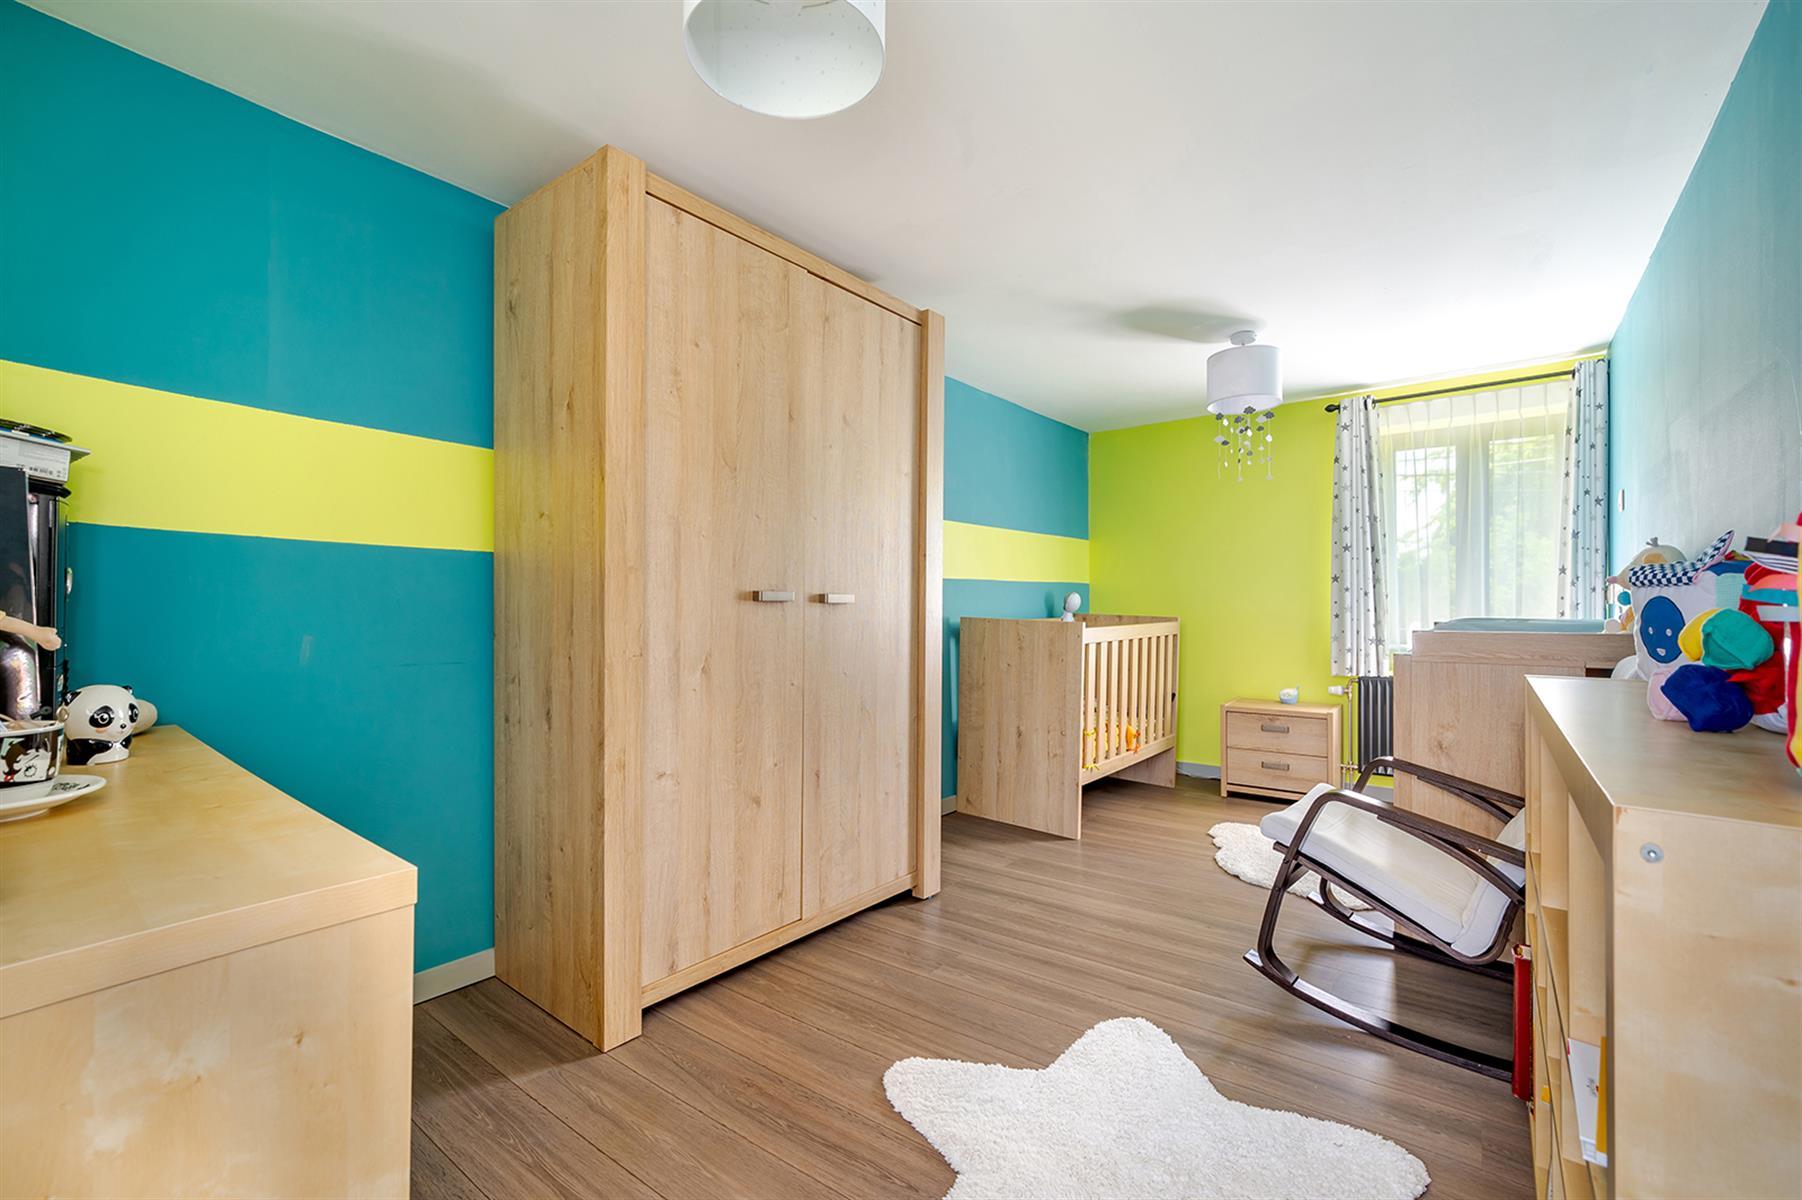 Maison - Villersle-Bouillet Warnant-Dreye - #4392377-17